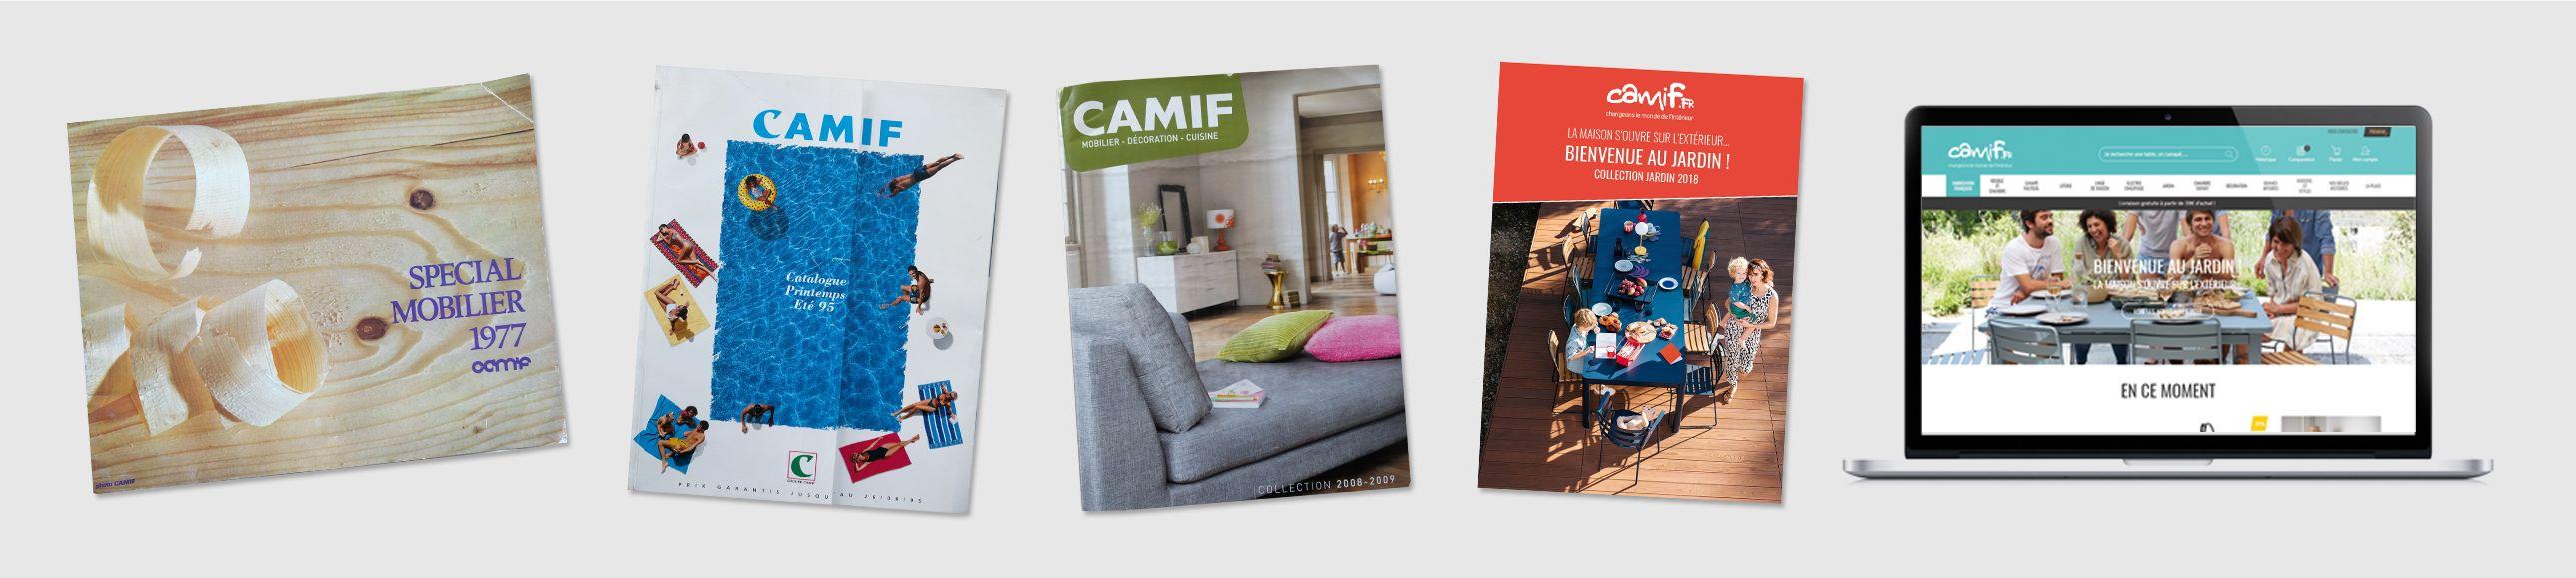 les catalogues de la camif plus de 70 ans d histoire les belles histoires. Black Bedroom Furniture Sets. Home Design Ideas